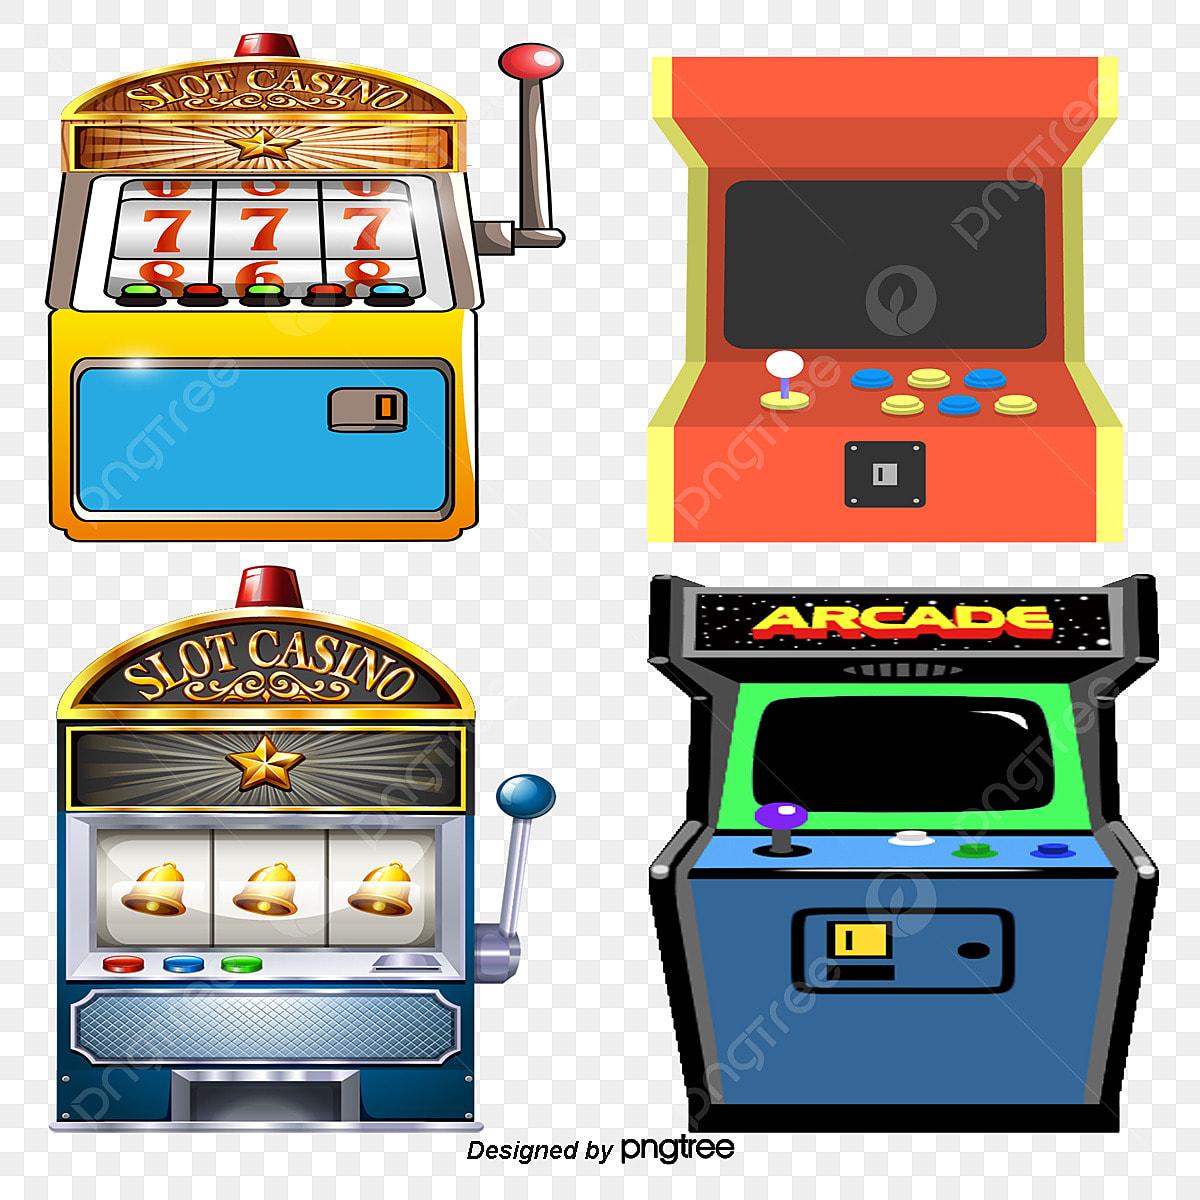 Игровые автоматы вишенки играть бесплатно